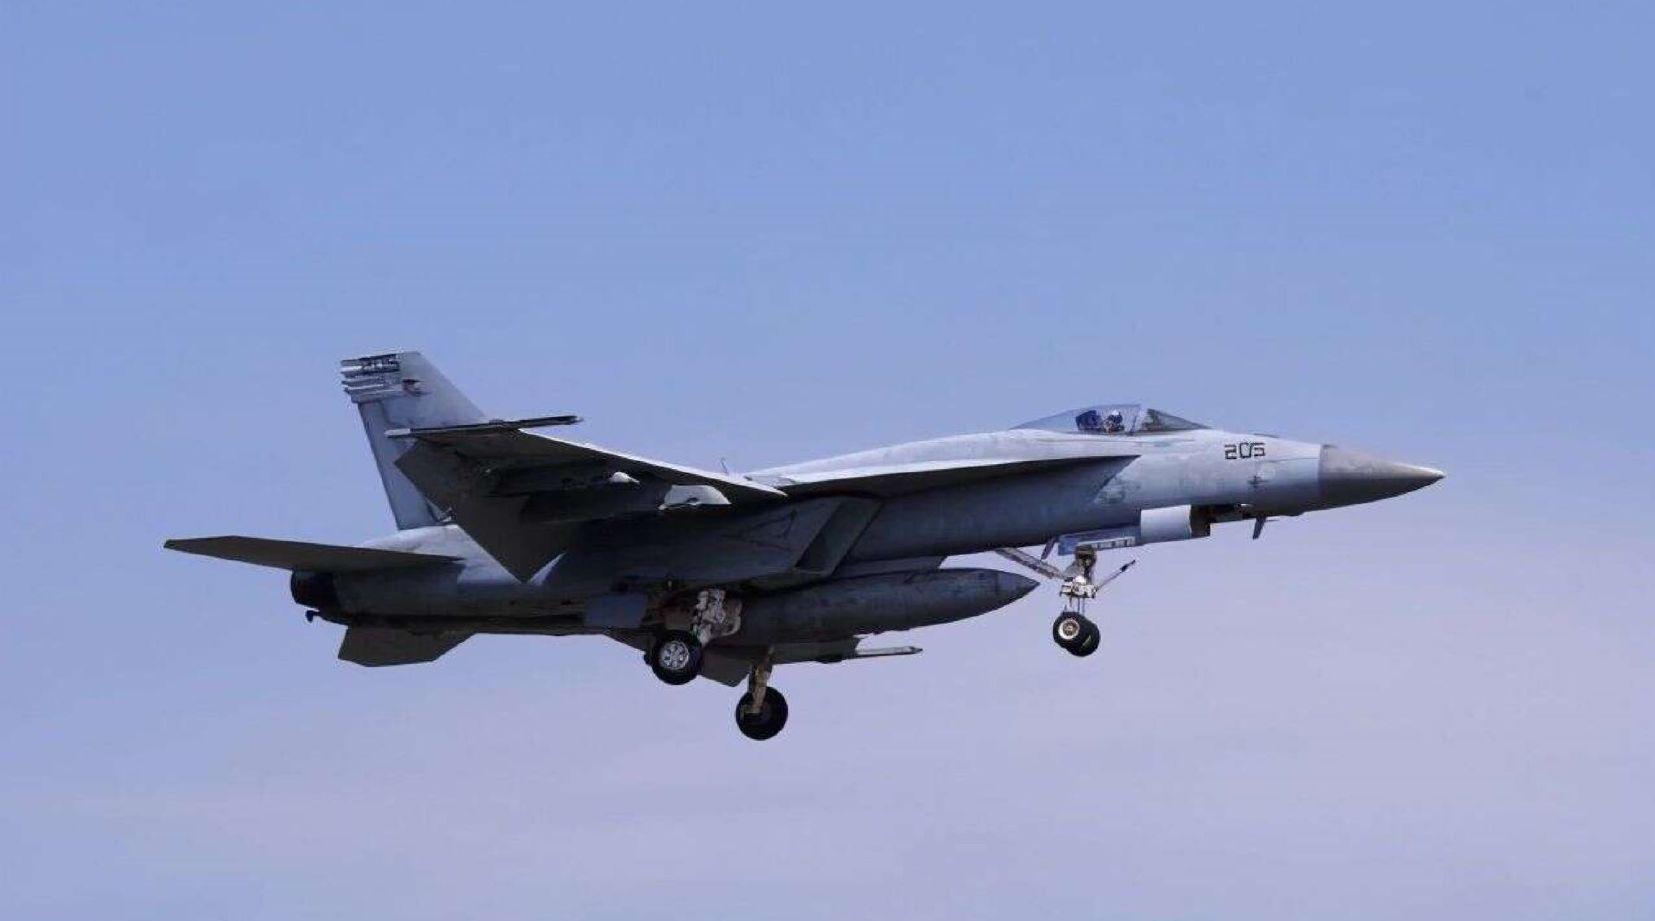 美军一架教练机坠入居民区起火 2名机组人员当场死亡